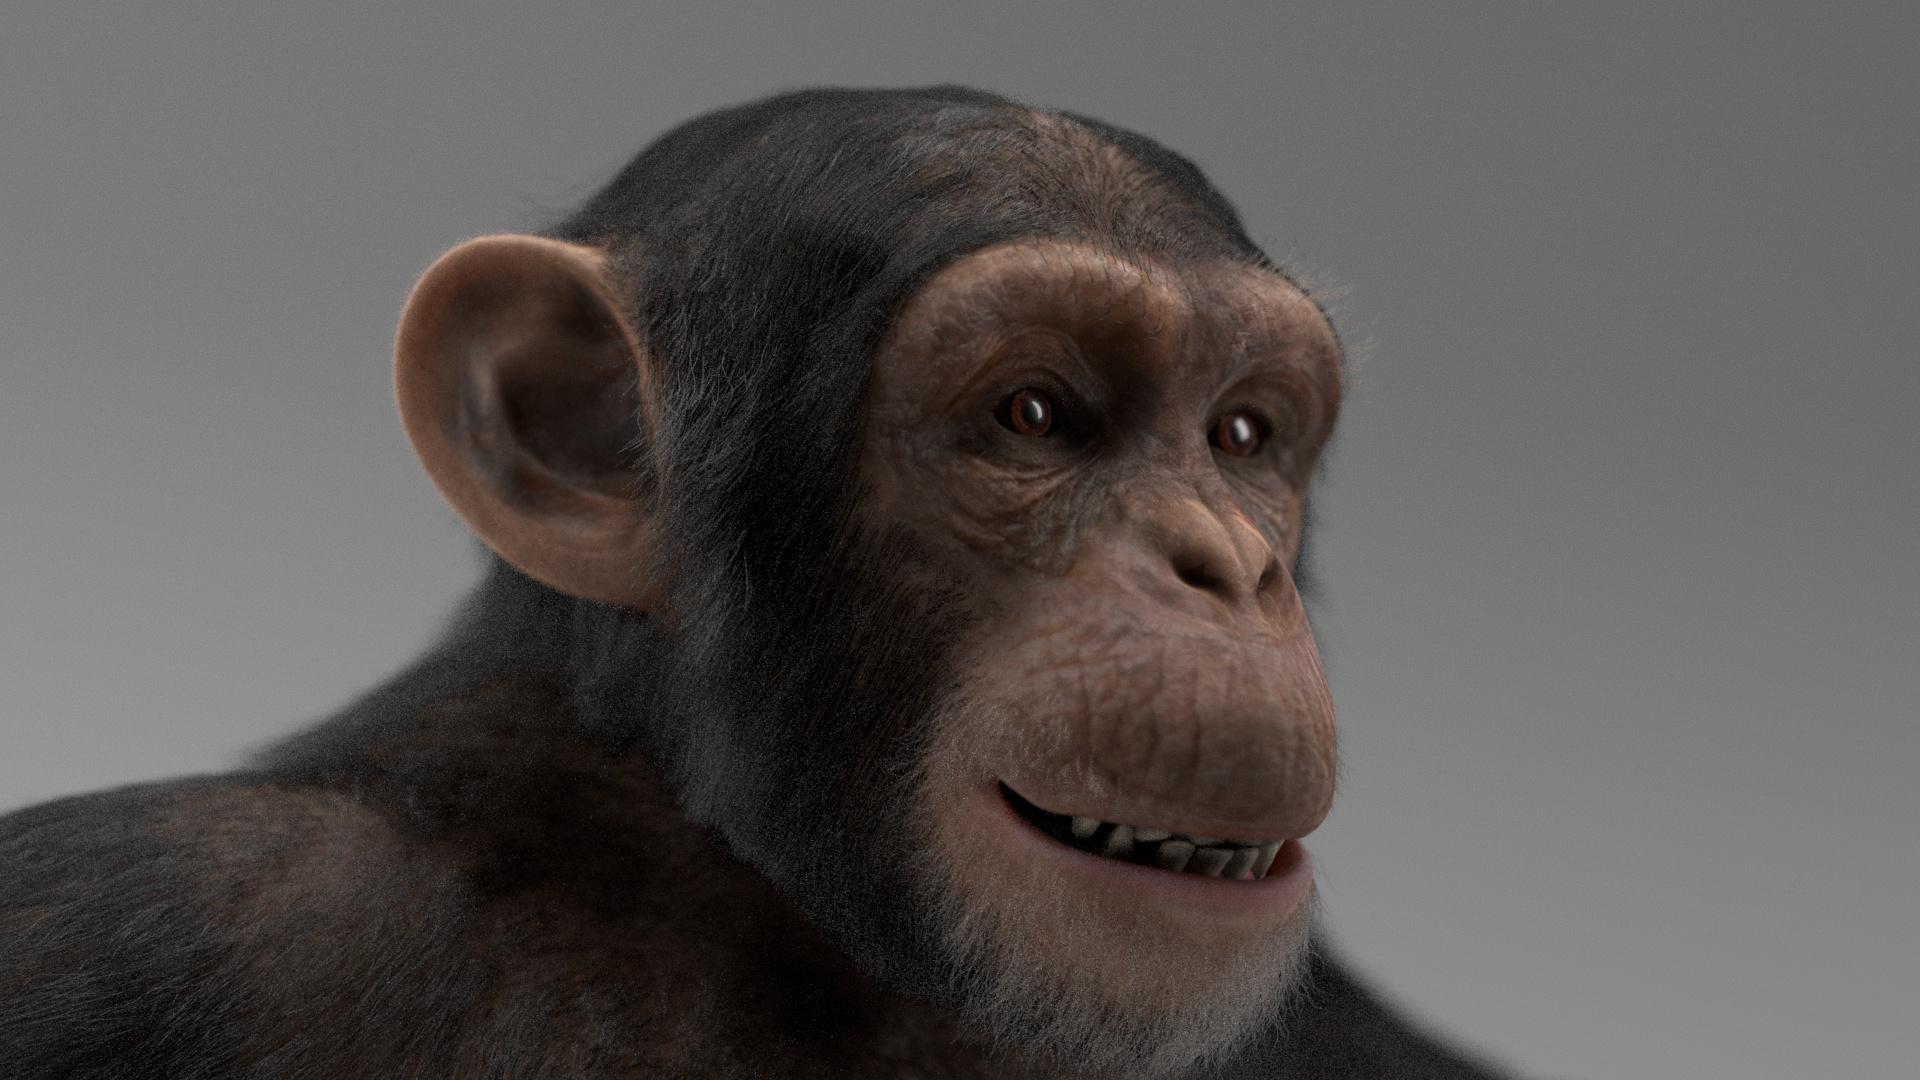 2D Animation, 3D Visualization, Motion Design, Live Action & VFX